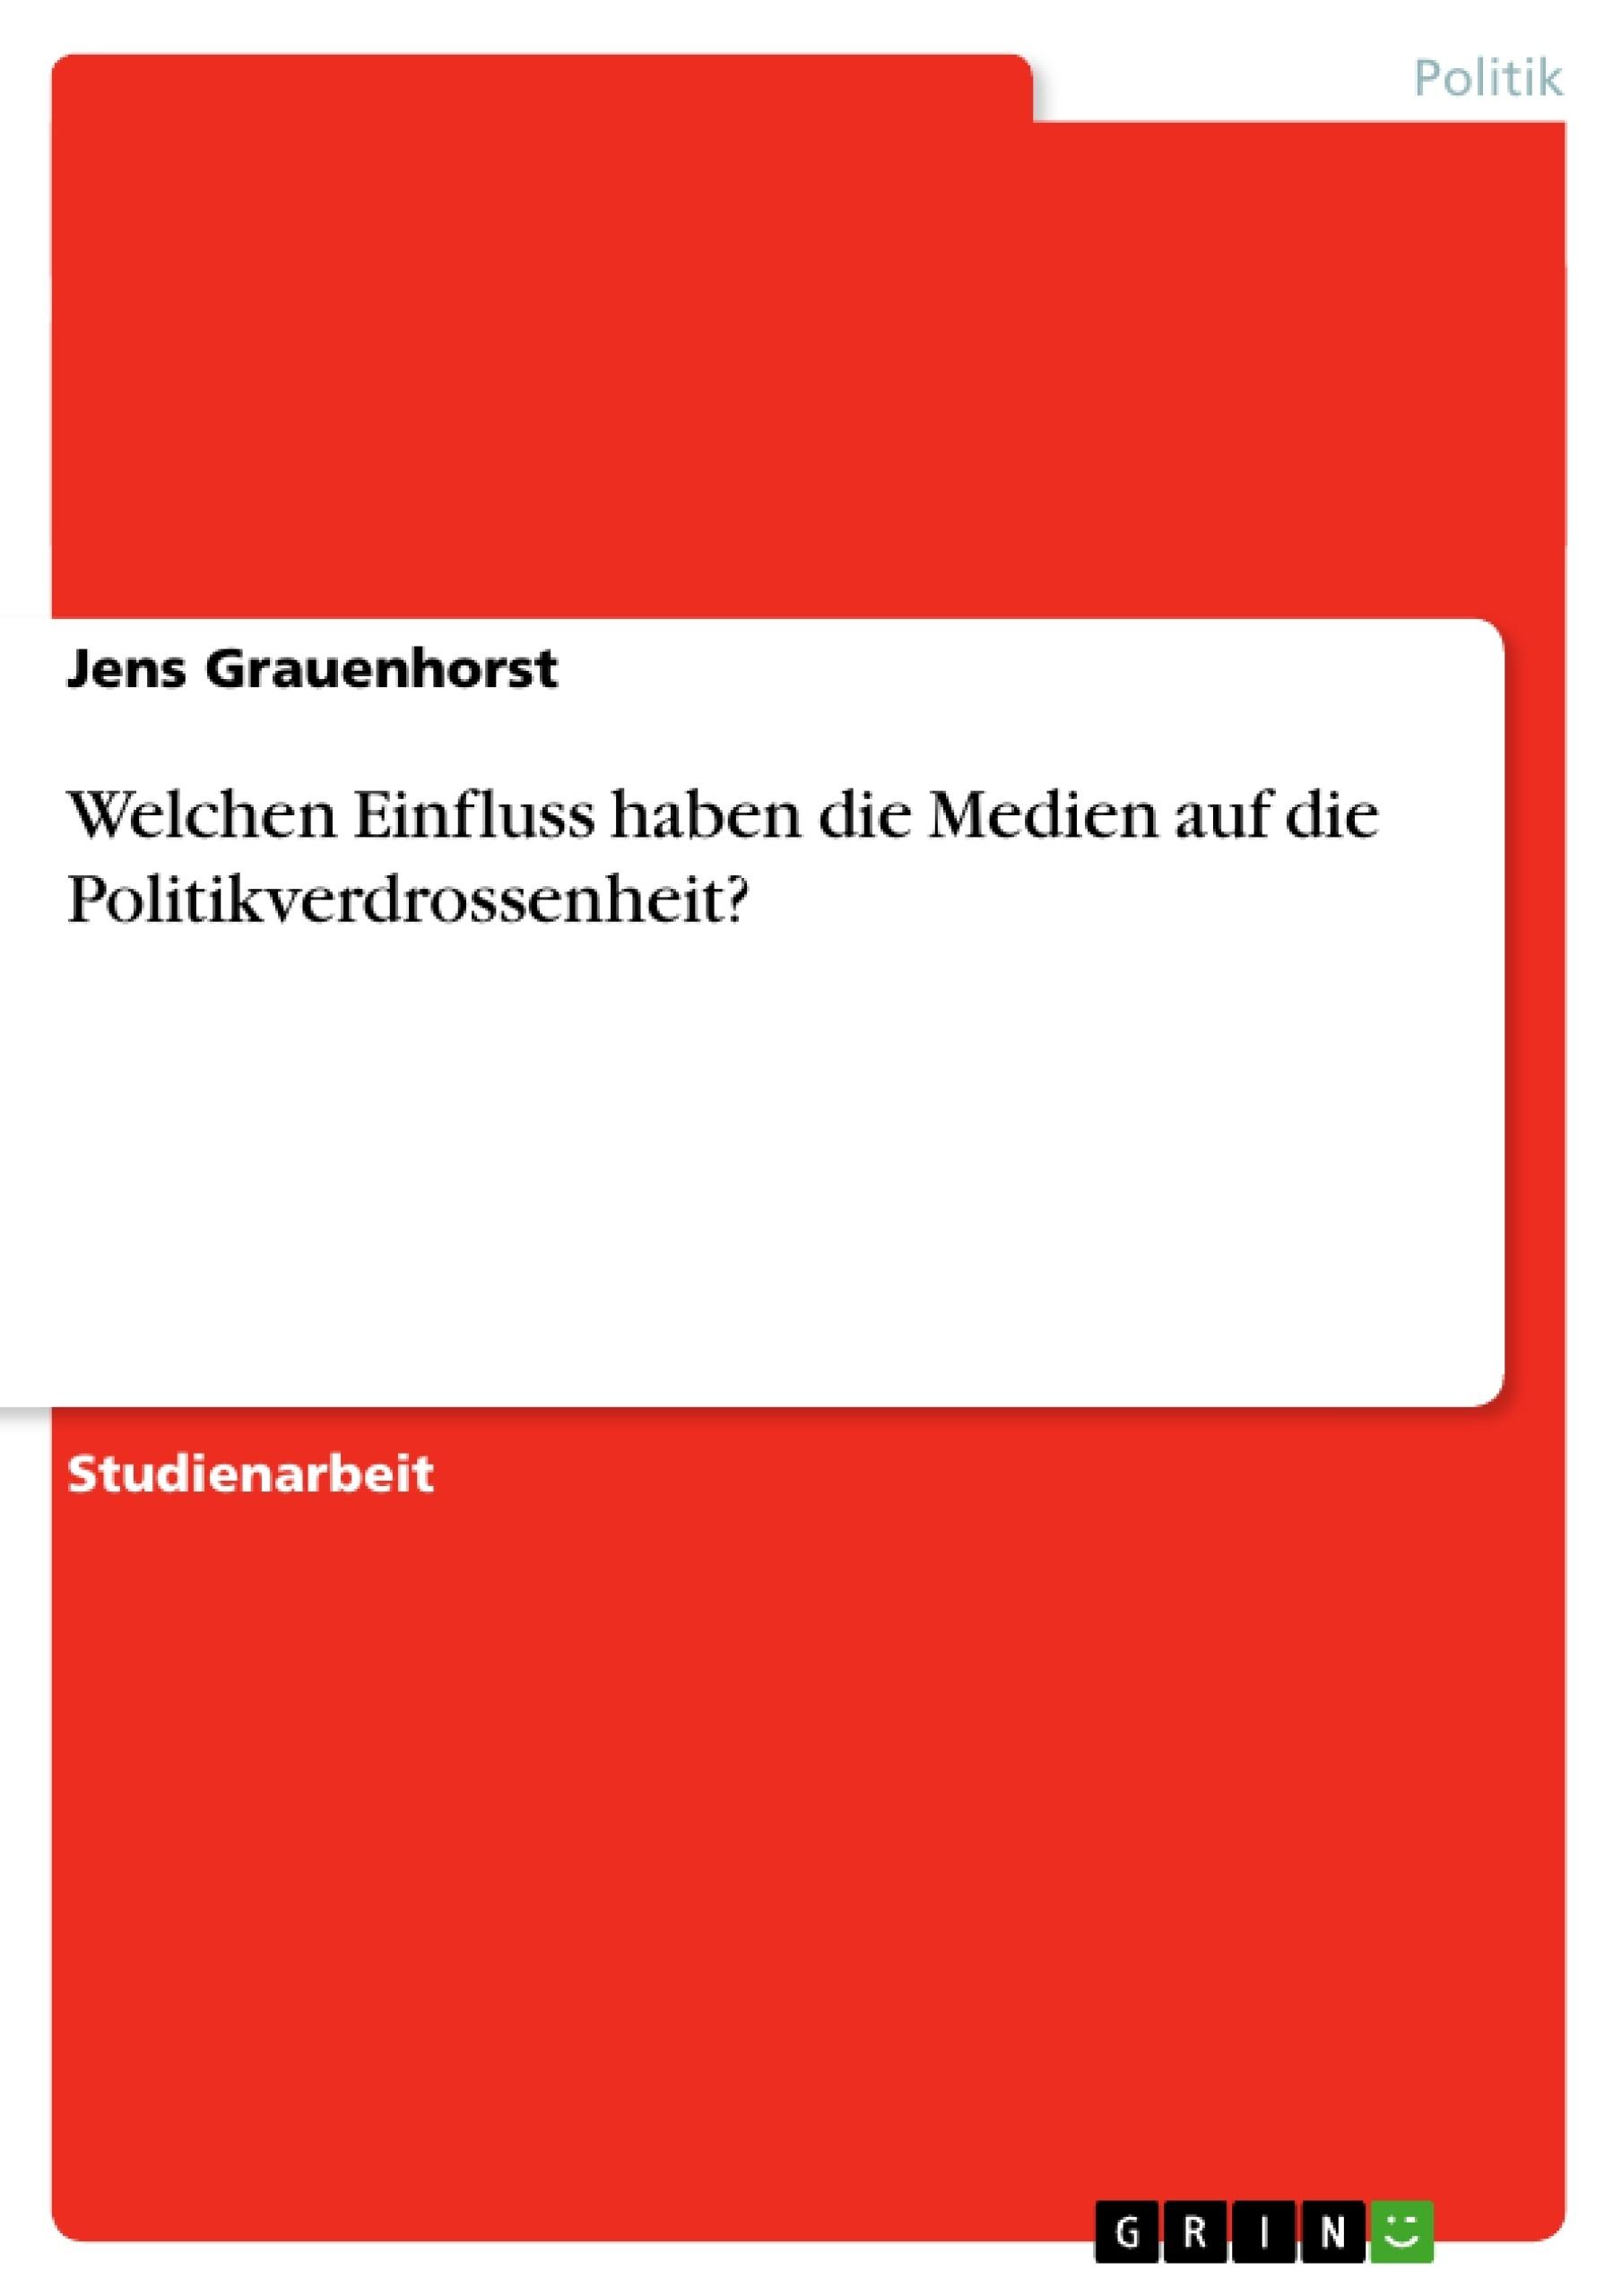 Titel: Welchen Einfluss haben die Medien auf die Politikverdrossenheit?